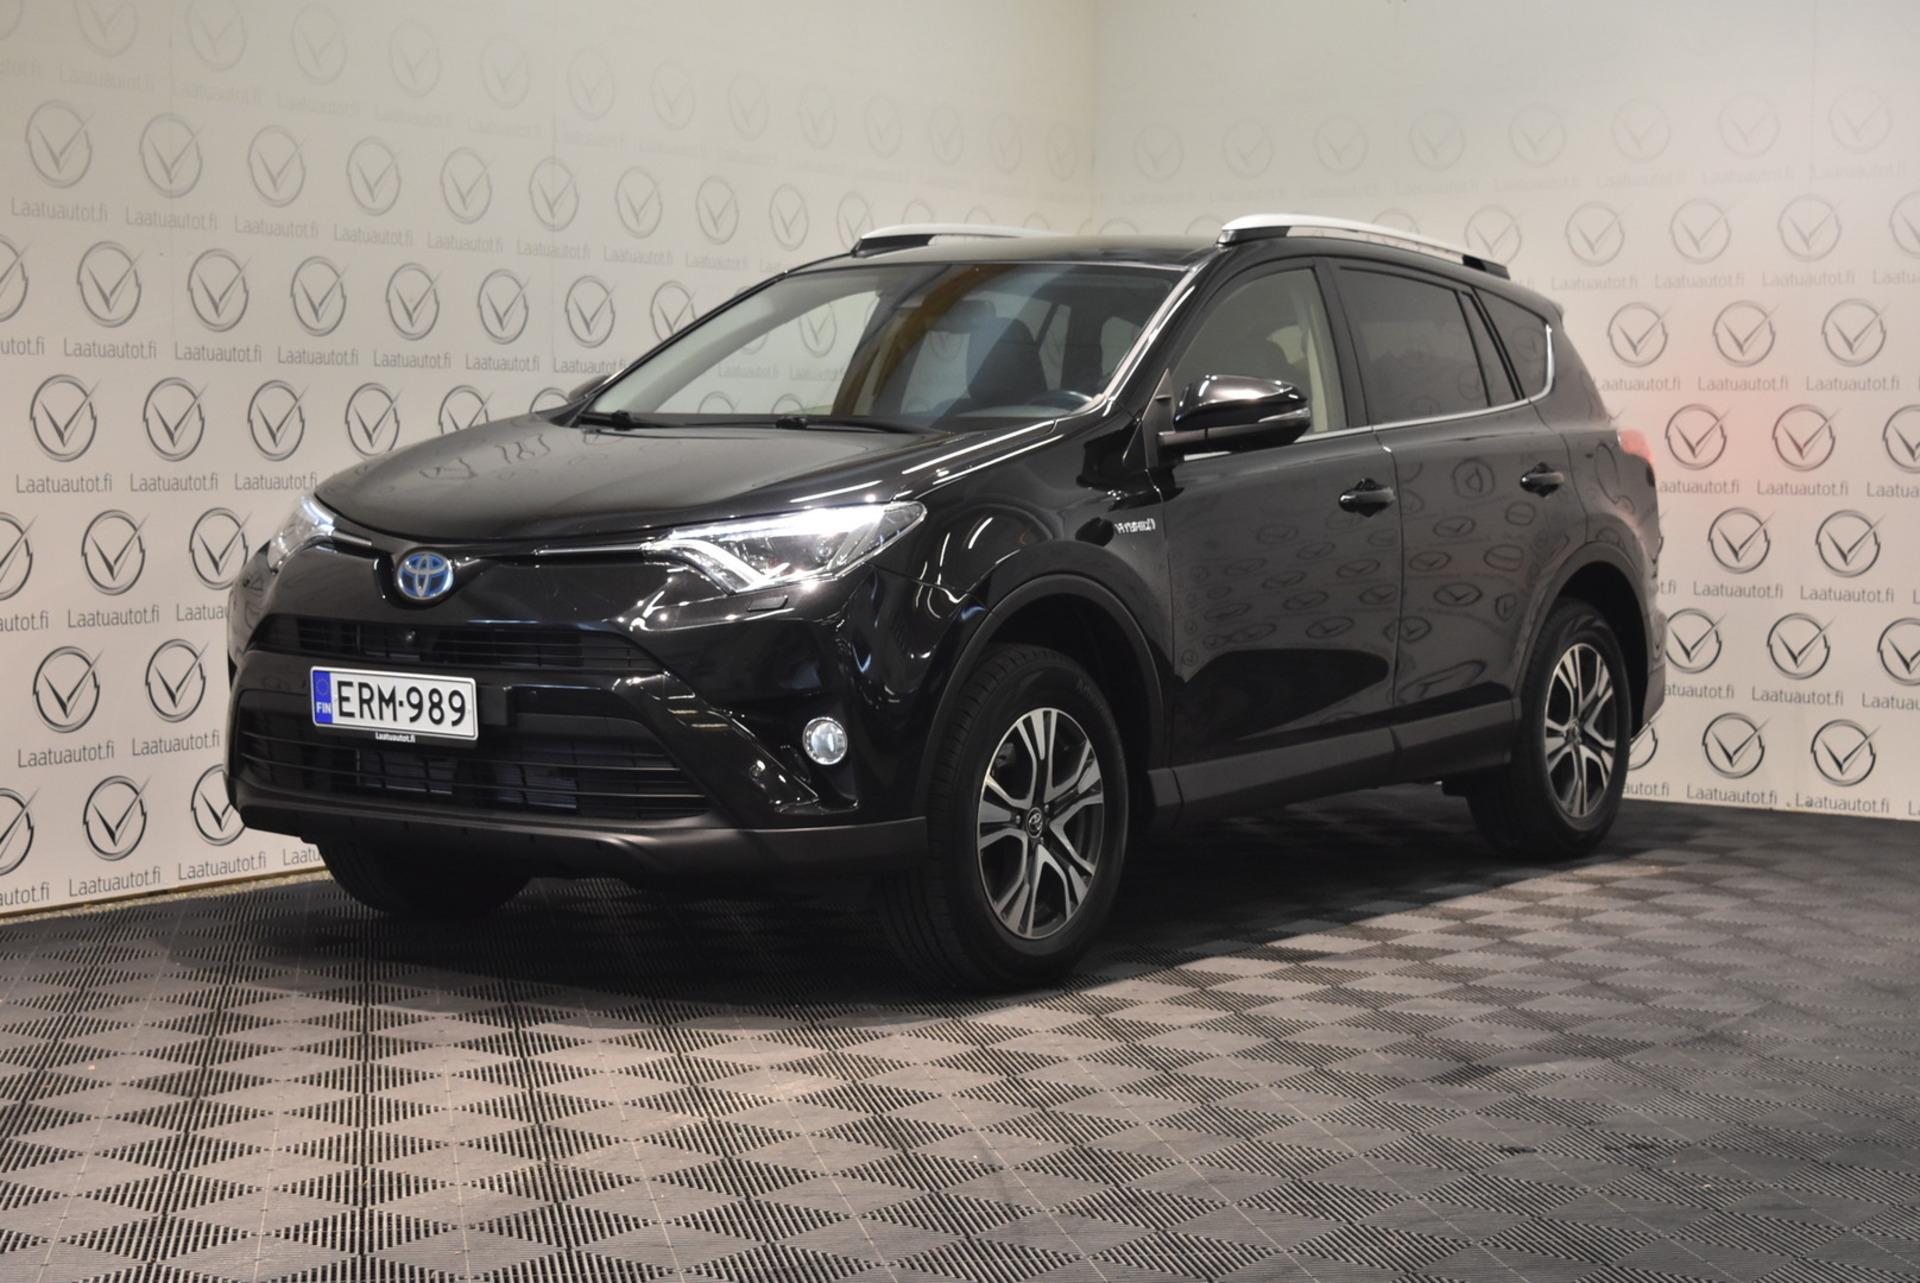 TOYOTA RAV4 2, 5 Hybrid AWD Premium - Korko: 1, 89% + kulut! Jopa ilman käsirahaa! Huippuvarusteet,  Nahat,  Navi,  Jbl-hifi,  jne jne.